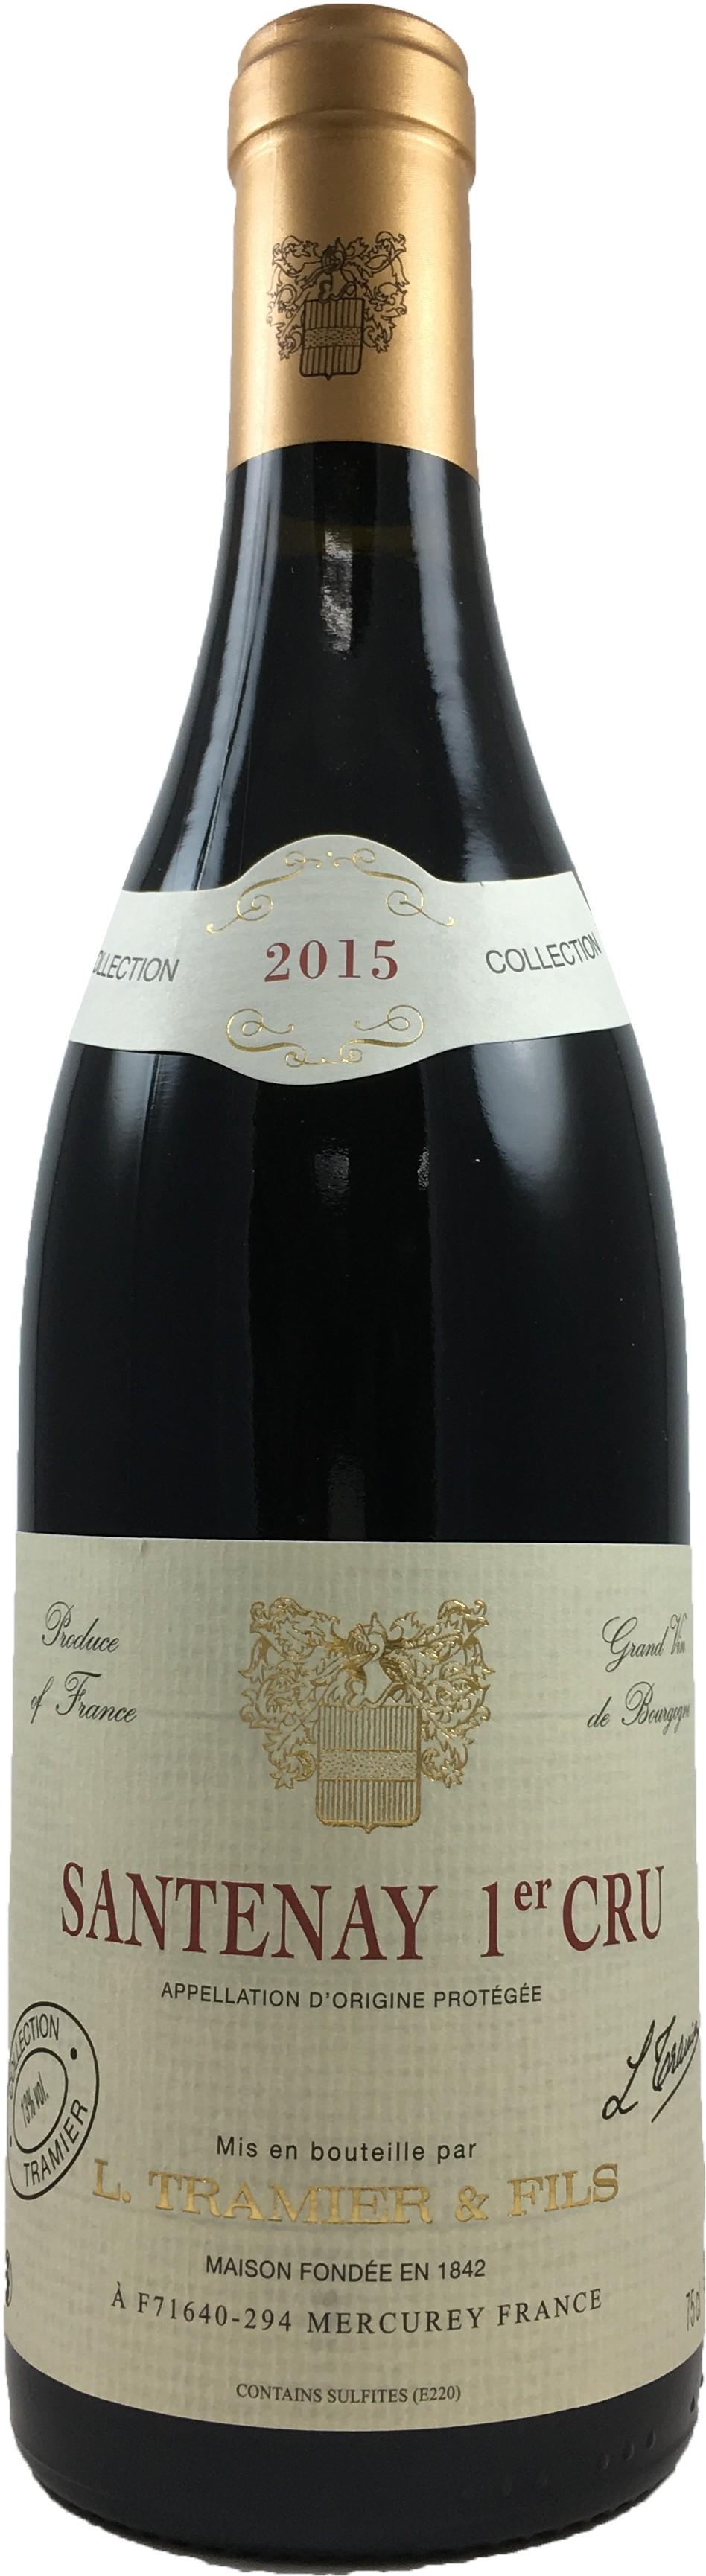 法國 鉈尼酒莊 勃艮地夜之聖喬治2014 紅葡萄酒